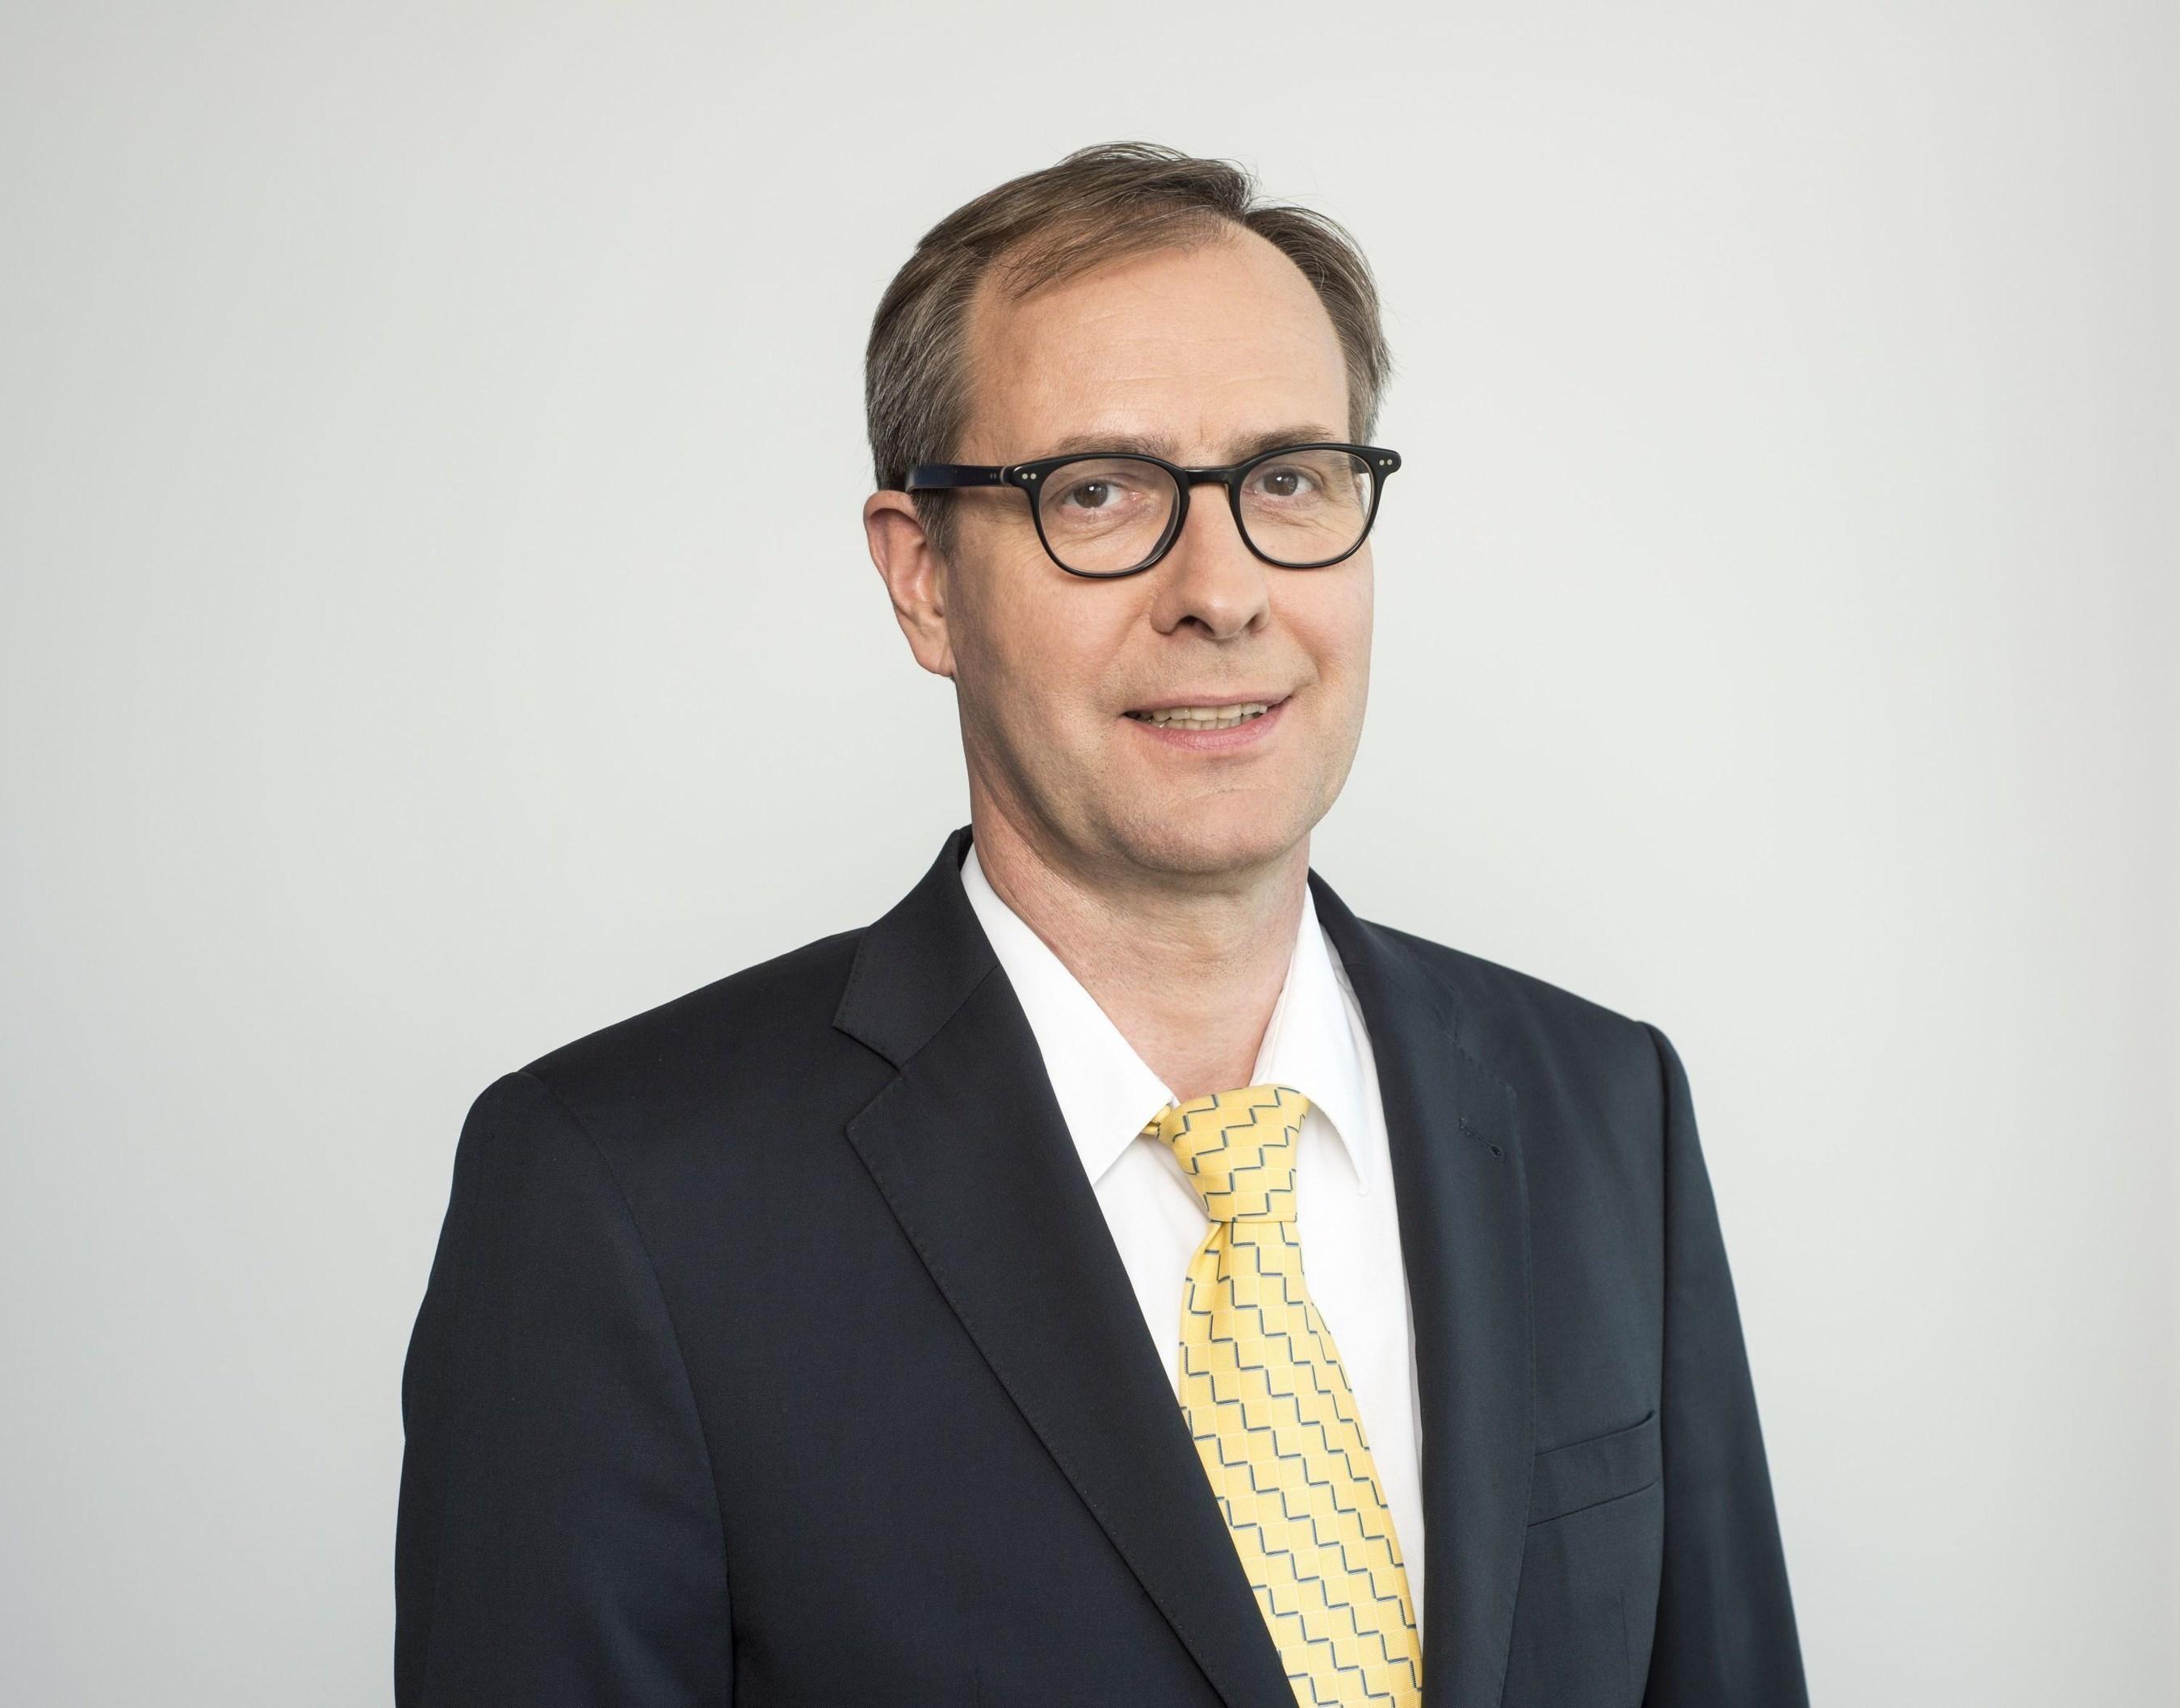 Dr. Othmar Belker é nomeado o novo diretor financeiro da Schenck Process